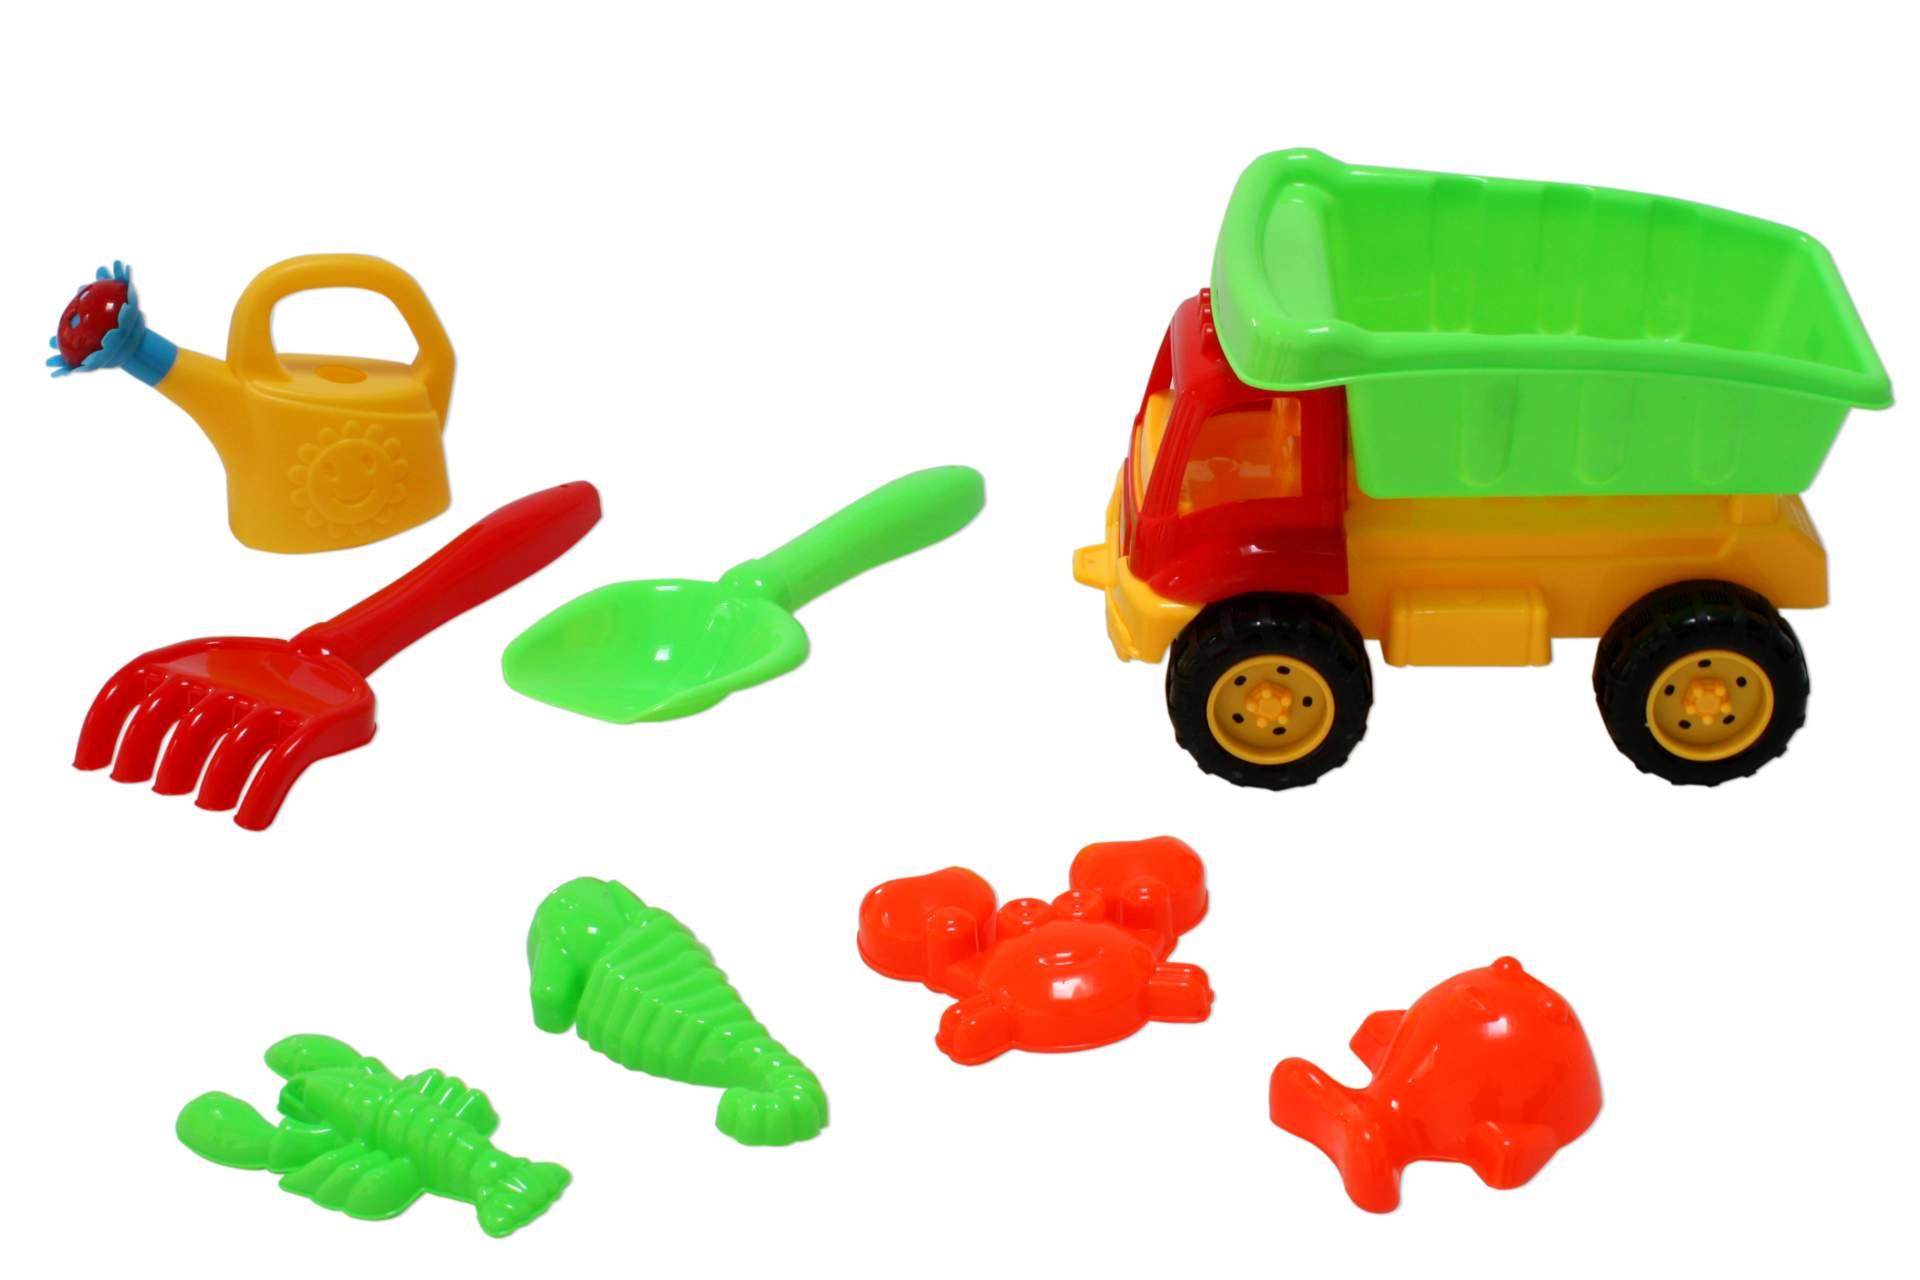 sandkasten set lkw gelb mit zubeh r 8 tlg spielzeug kipper spielzeug f r drau en spielwaren. Black Bedroom Furniture Sets. Home Design Ideas